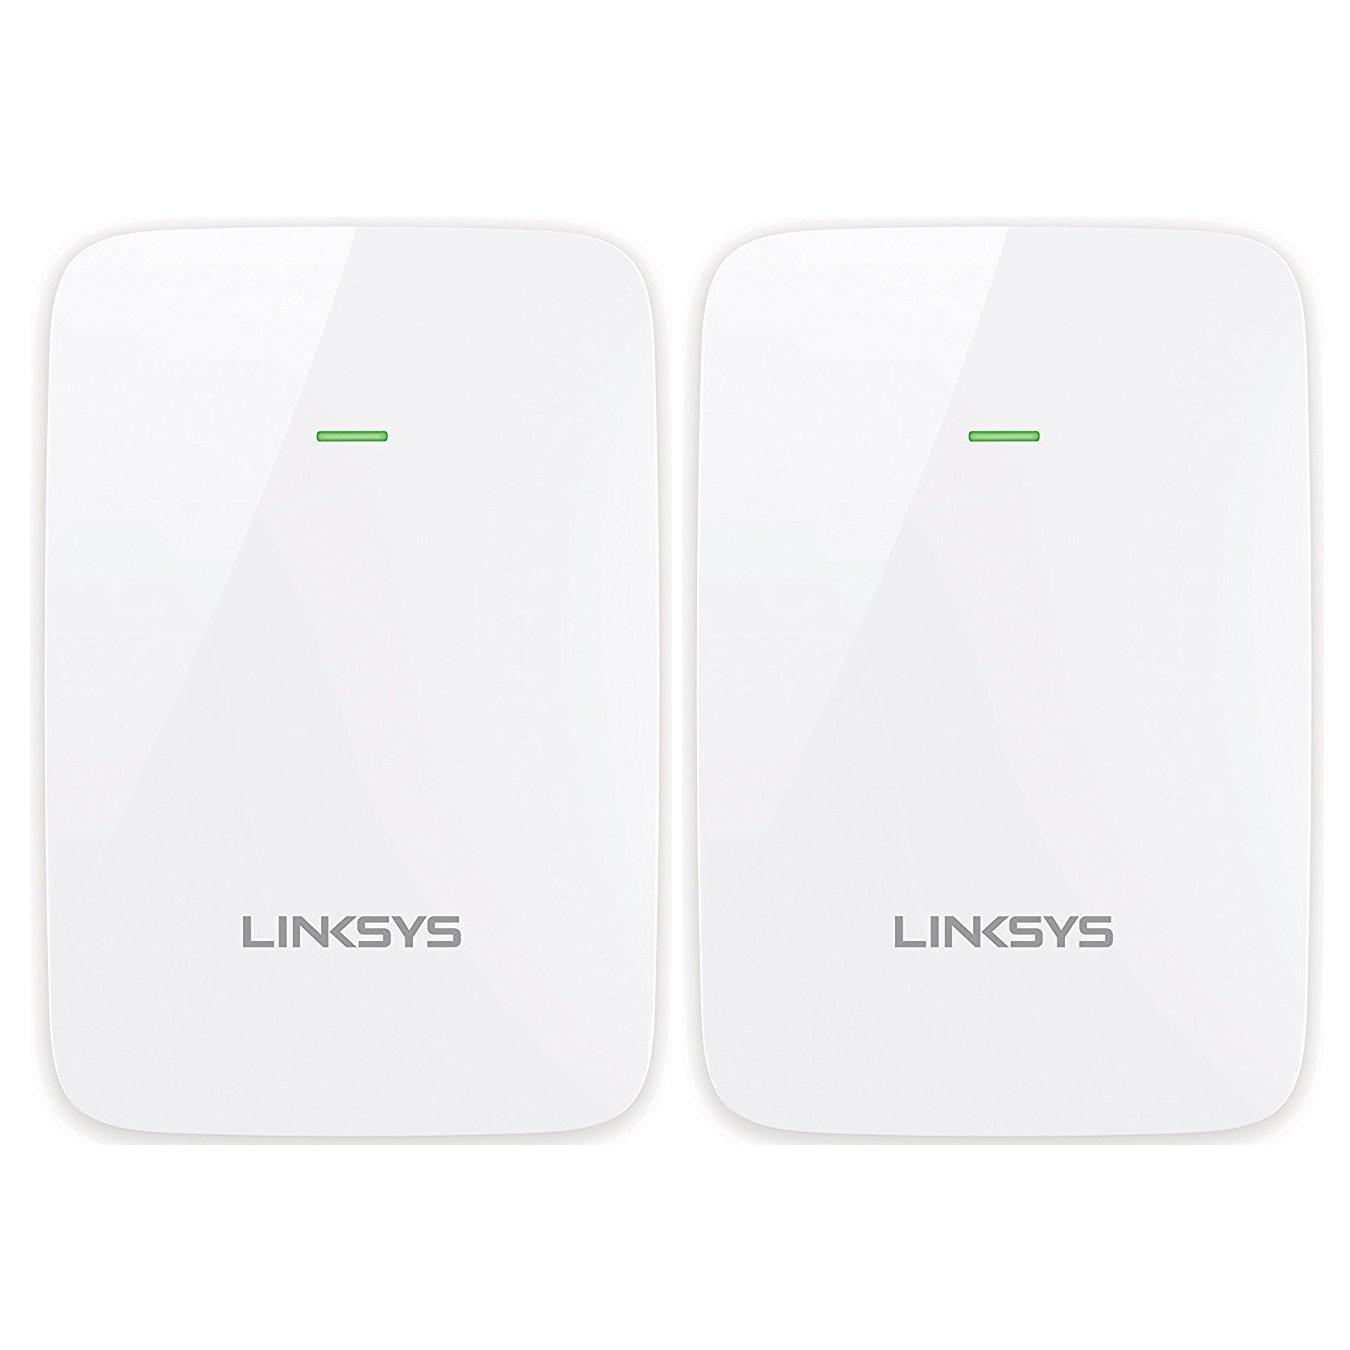 Cheap Wi Fi Emulator, find Wi Fi Emulator deals on line at